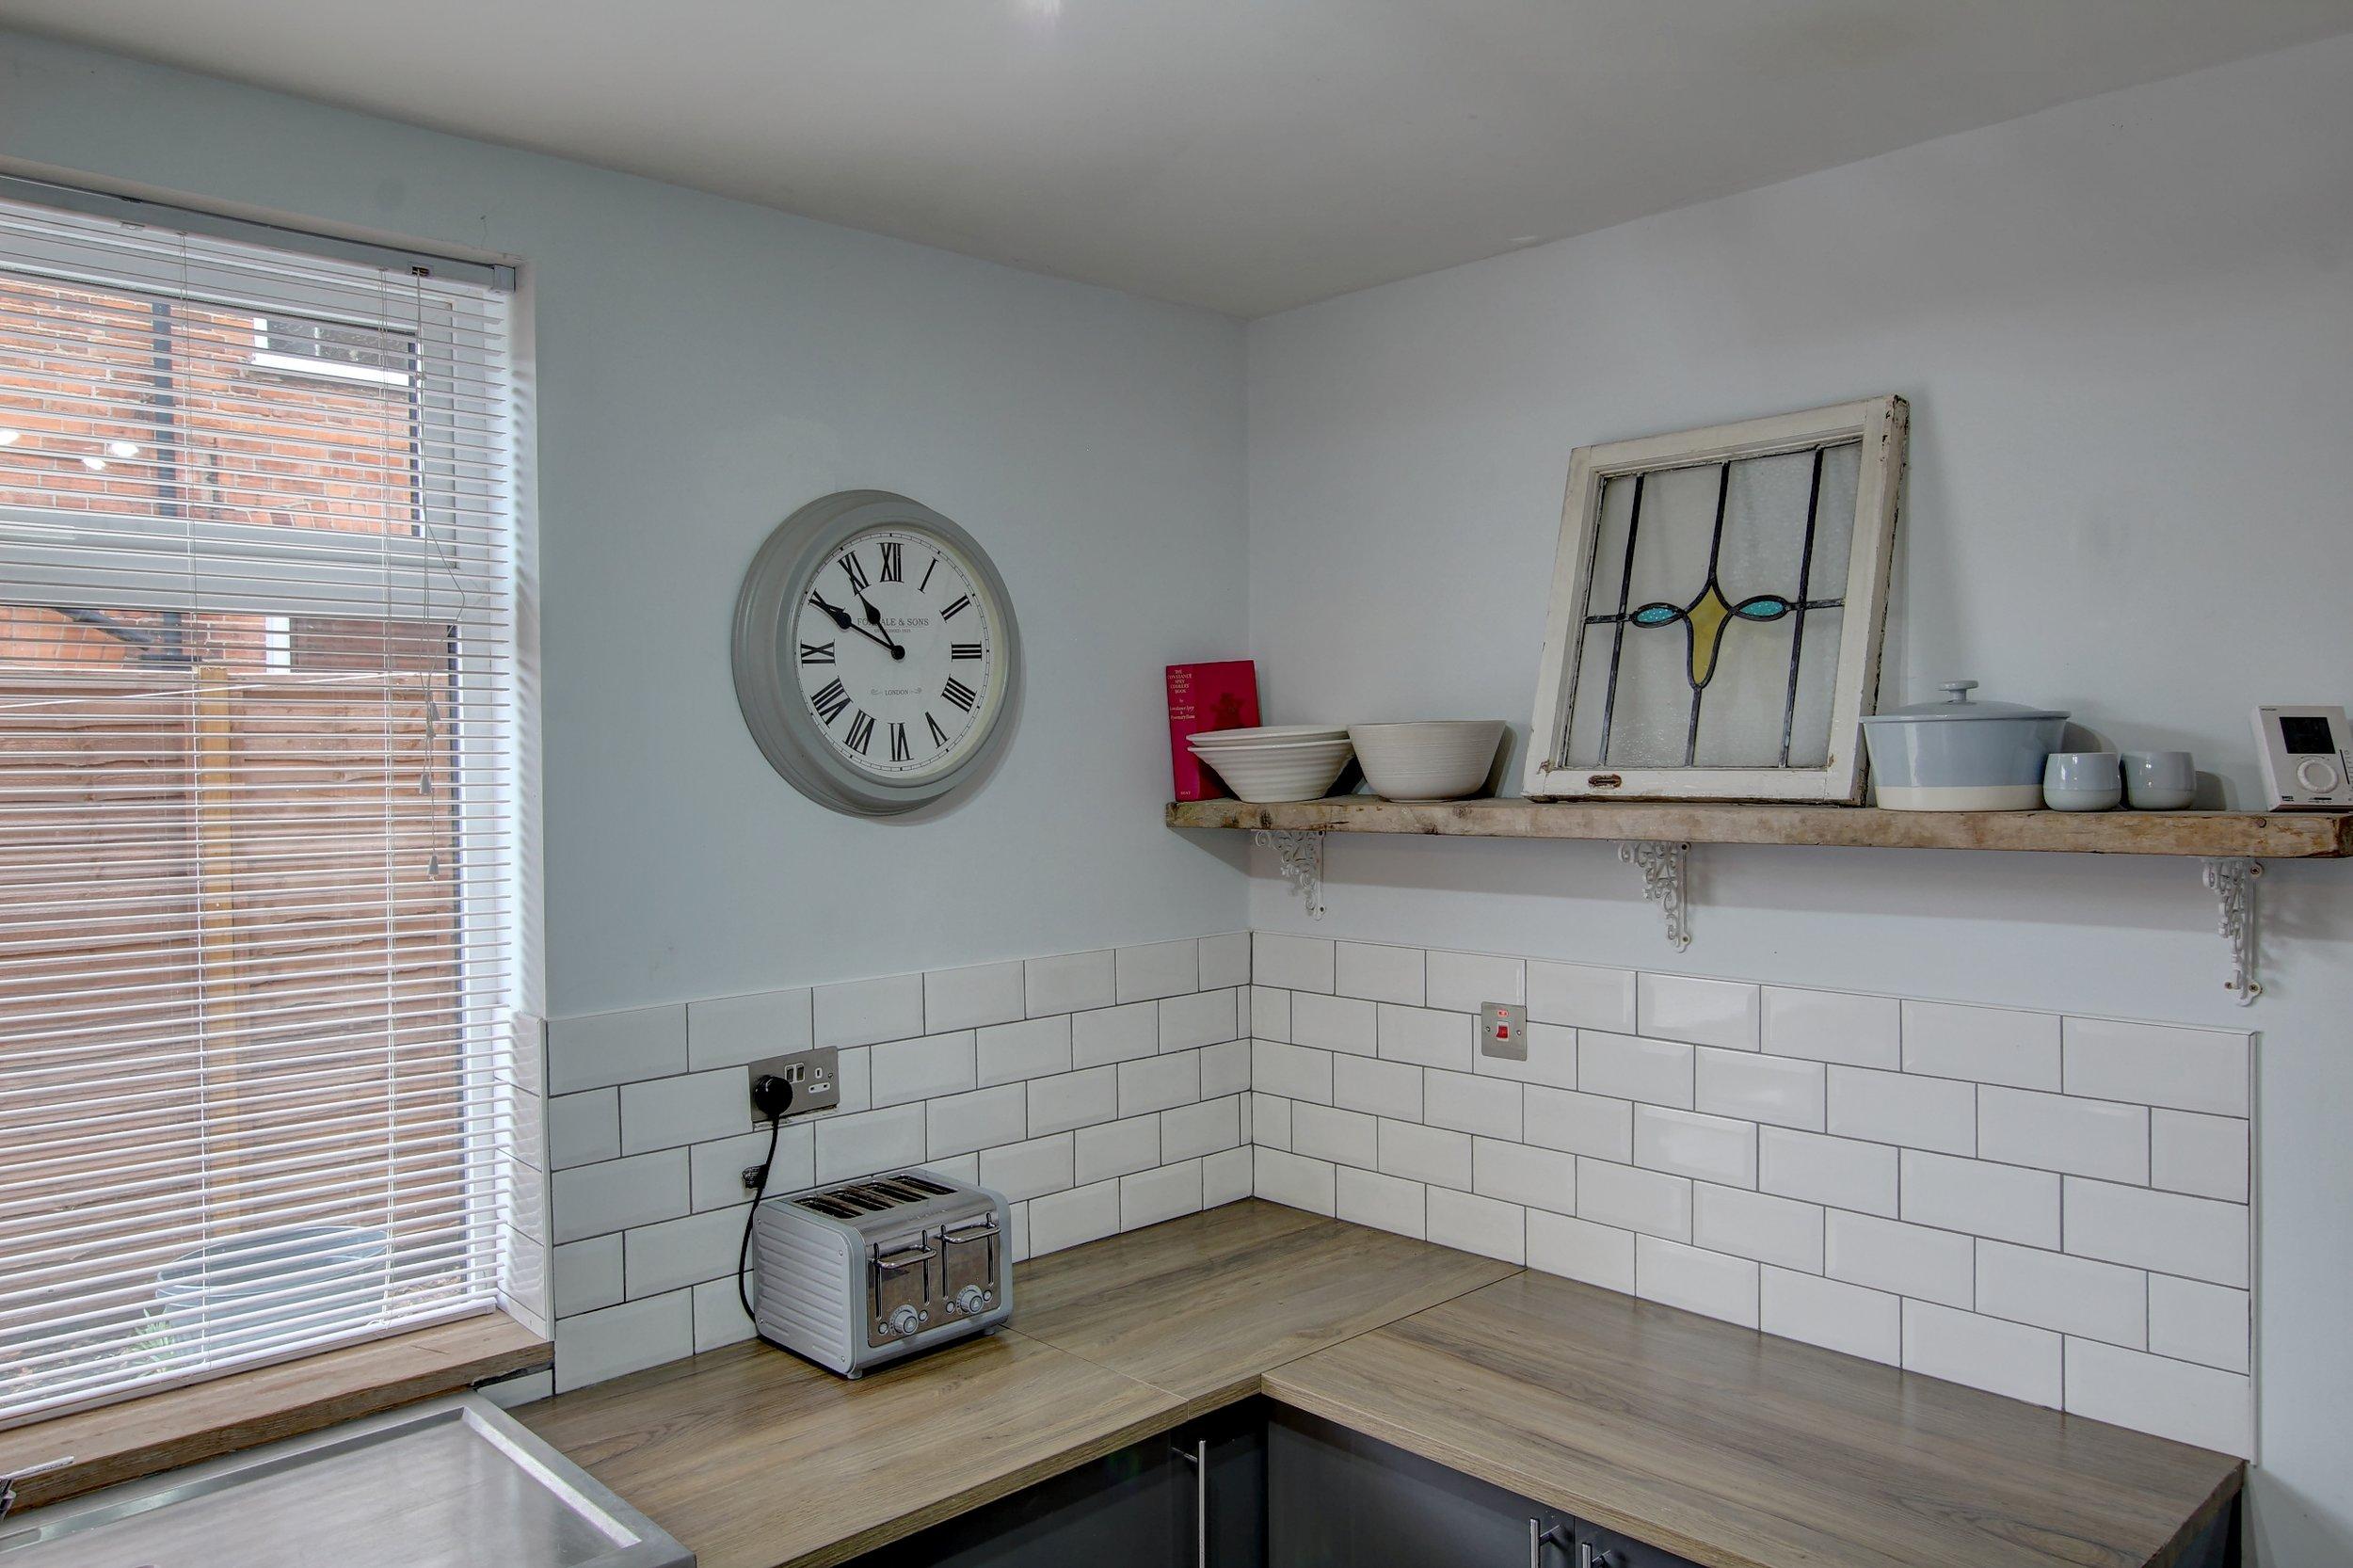 13 kitchen lifestyle.jpg